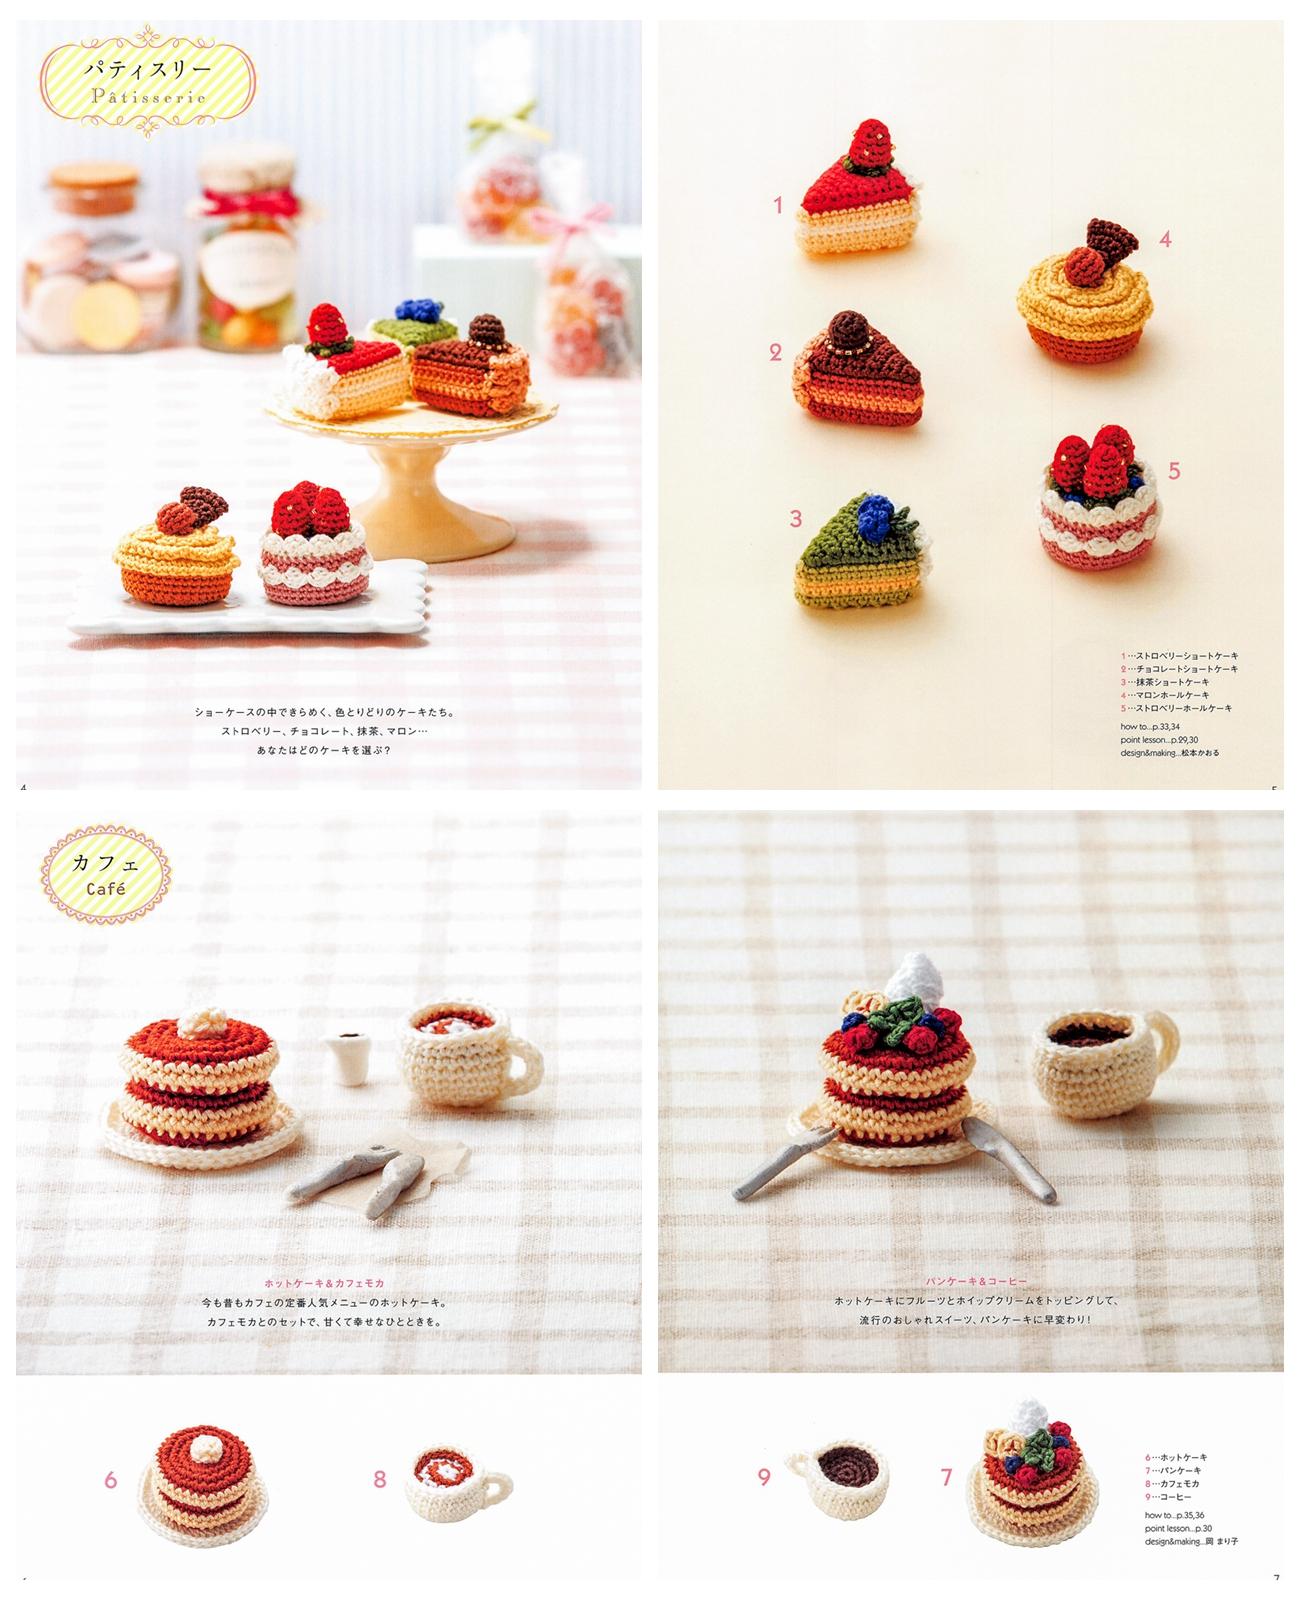 Stuffed Animal Patterns, Crochet Stuffed Animals - Page 1   1600x1300